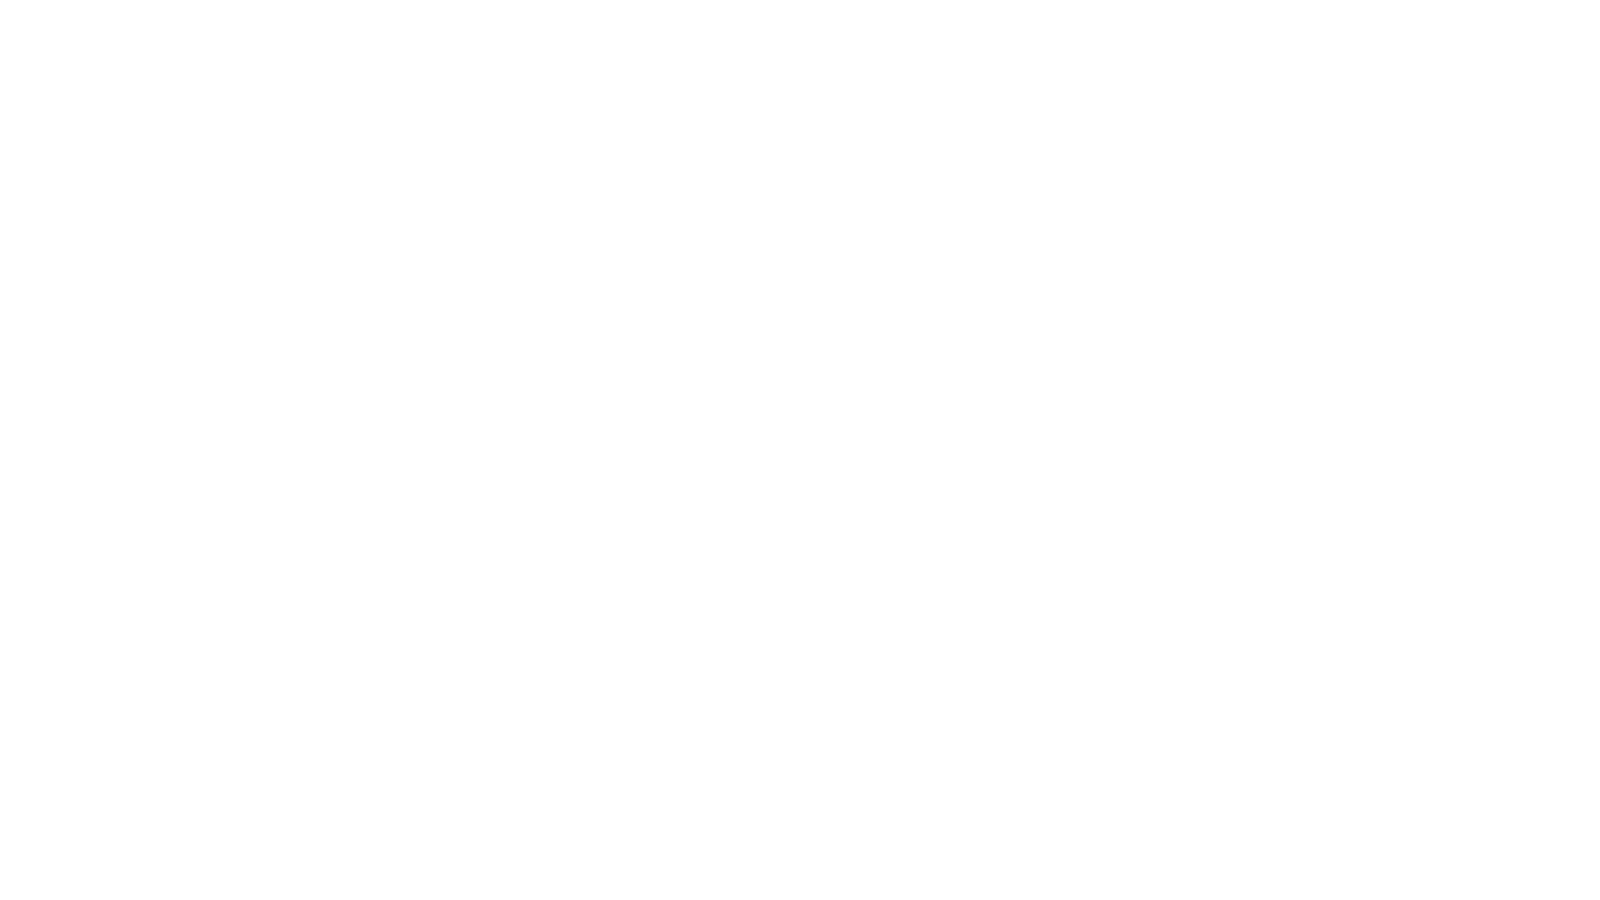 🔴 Ntimuzahabure 🔴   Twese nk'abanyarwanda duhaguruke kandi tunamagane akarengane gakomejwe gukorerwa abana b'u #Rwanda.  Ku cyumweru 28.02.2021 Saa 20h00 za #Kigali  Kuri YouTube Channel Umutware: https://www.youtube.com/c/umutware